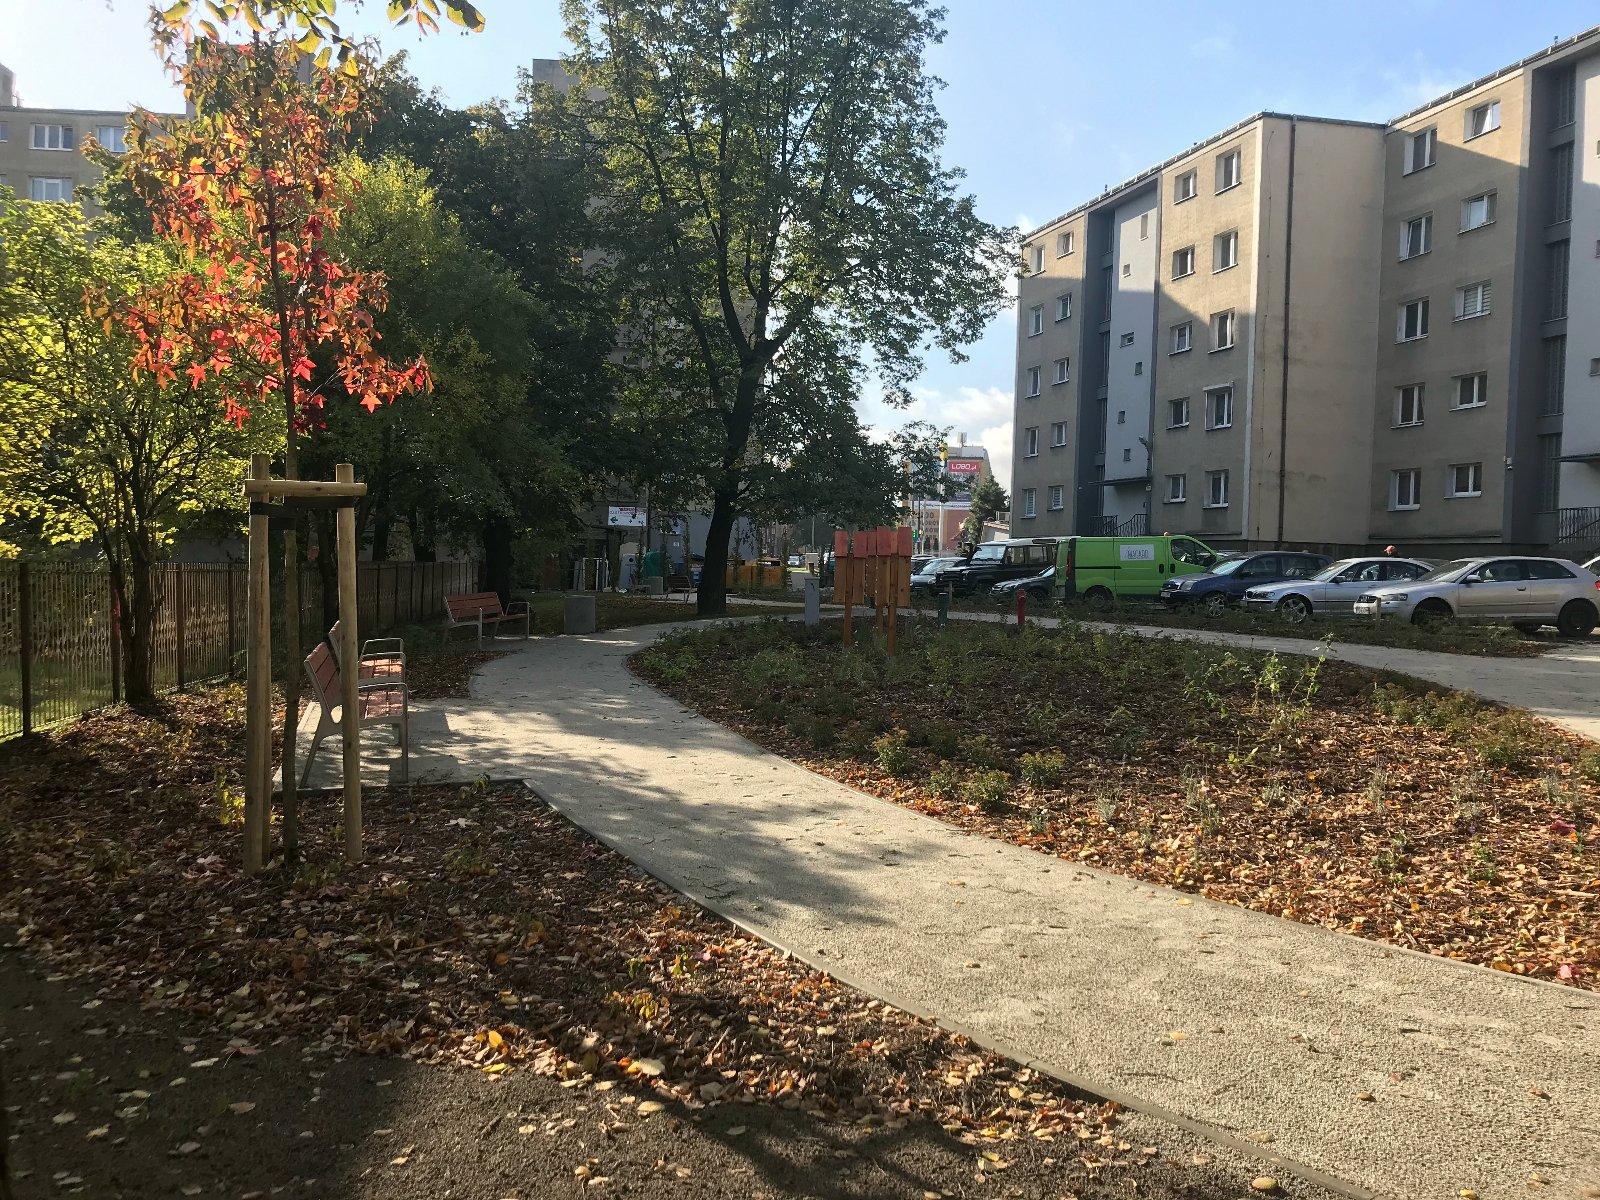 Mieszkańcy mogą zaprojektować i odmienić wspólną przestrzeń